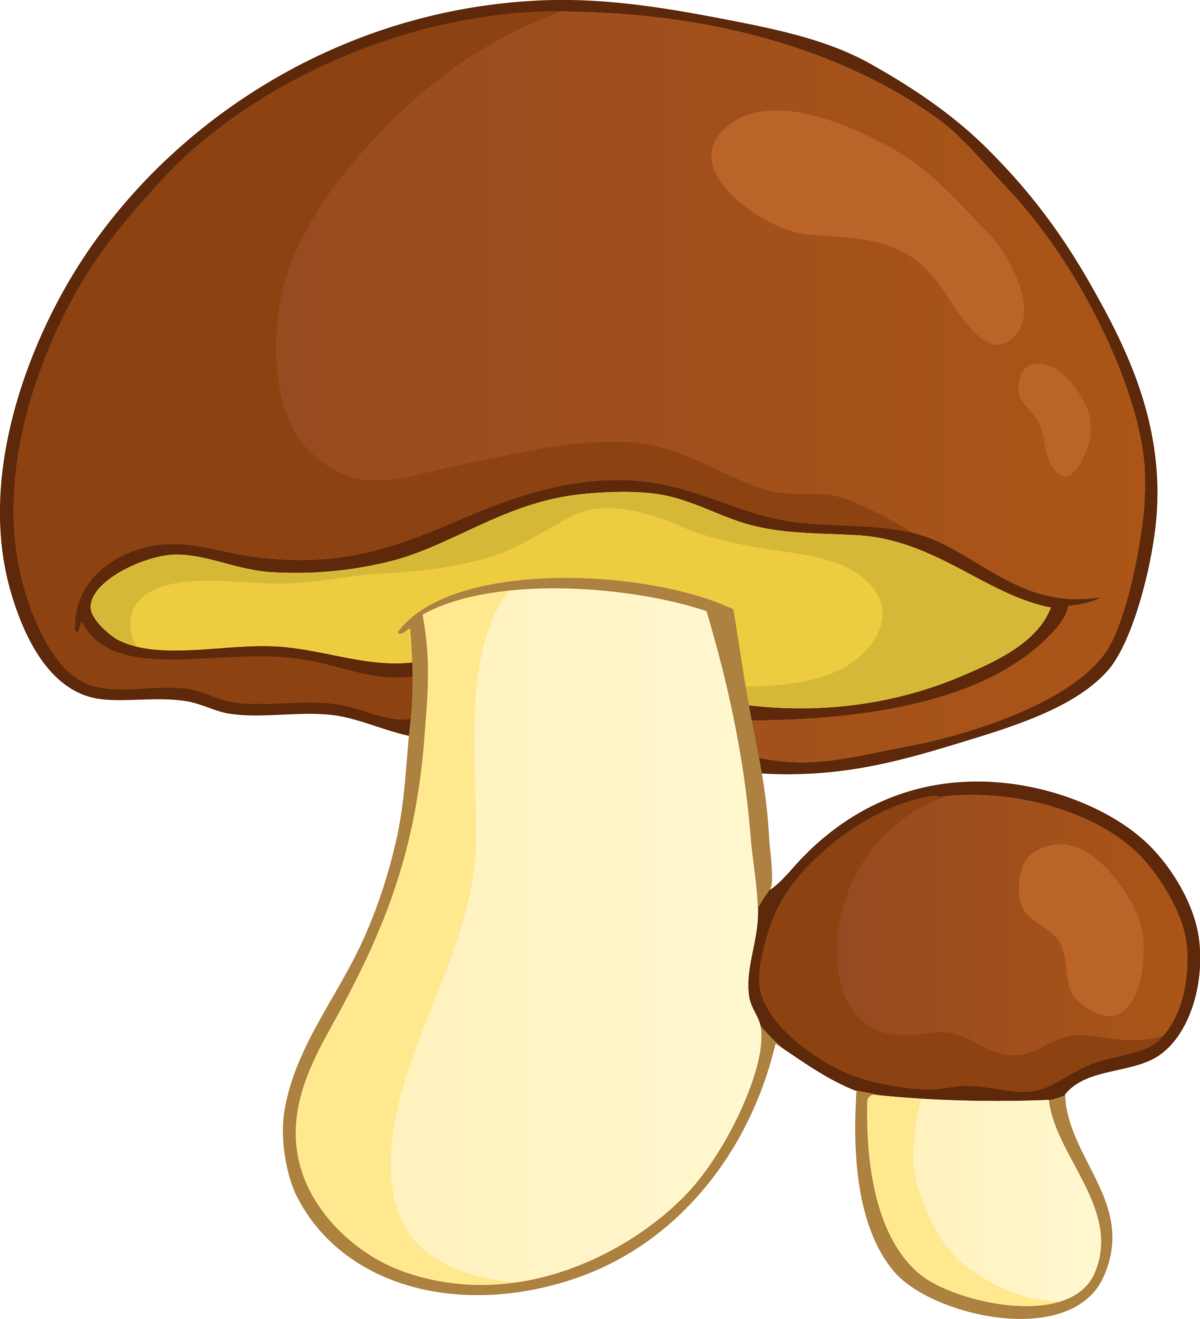 белый гриб рисунок картинка часто можно